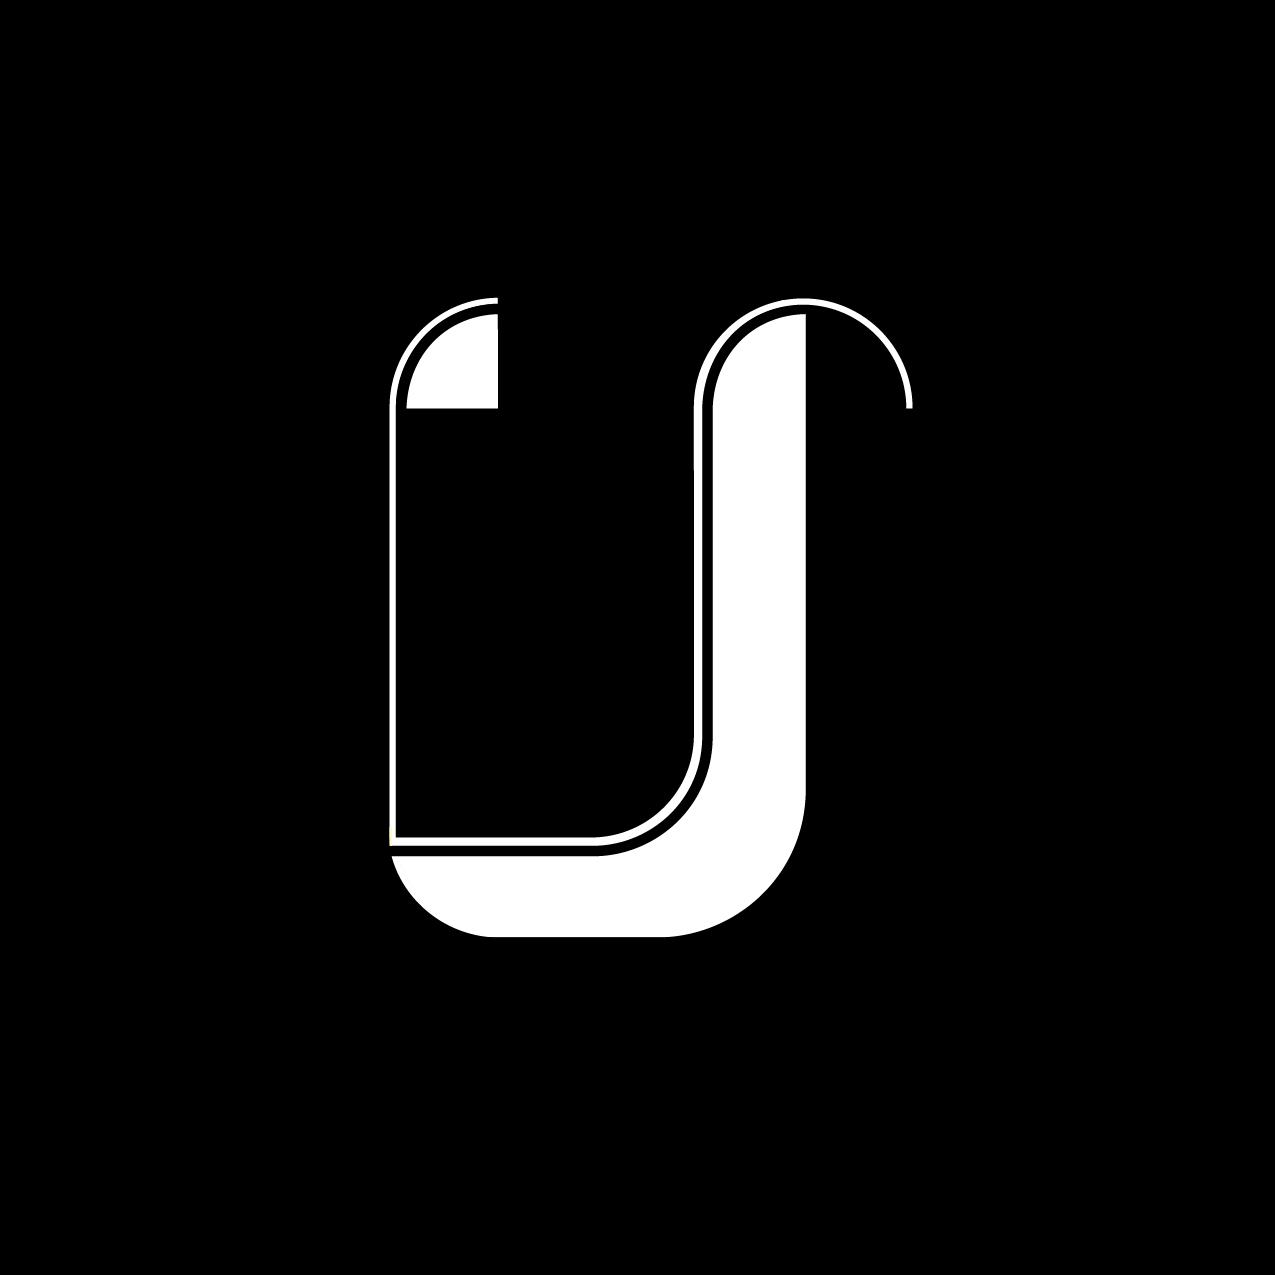 Letter U3 Design by Furia